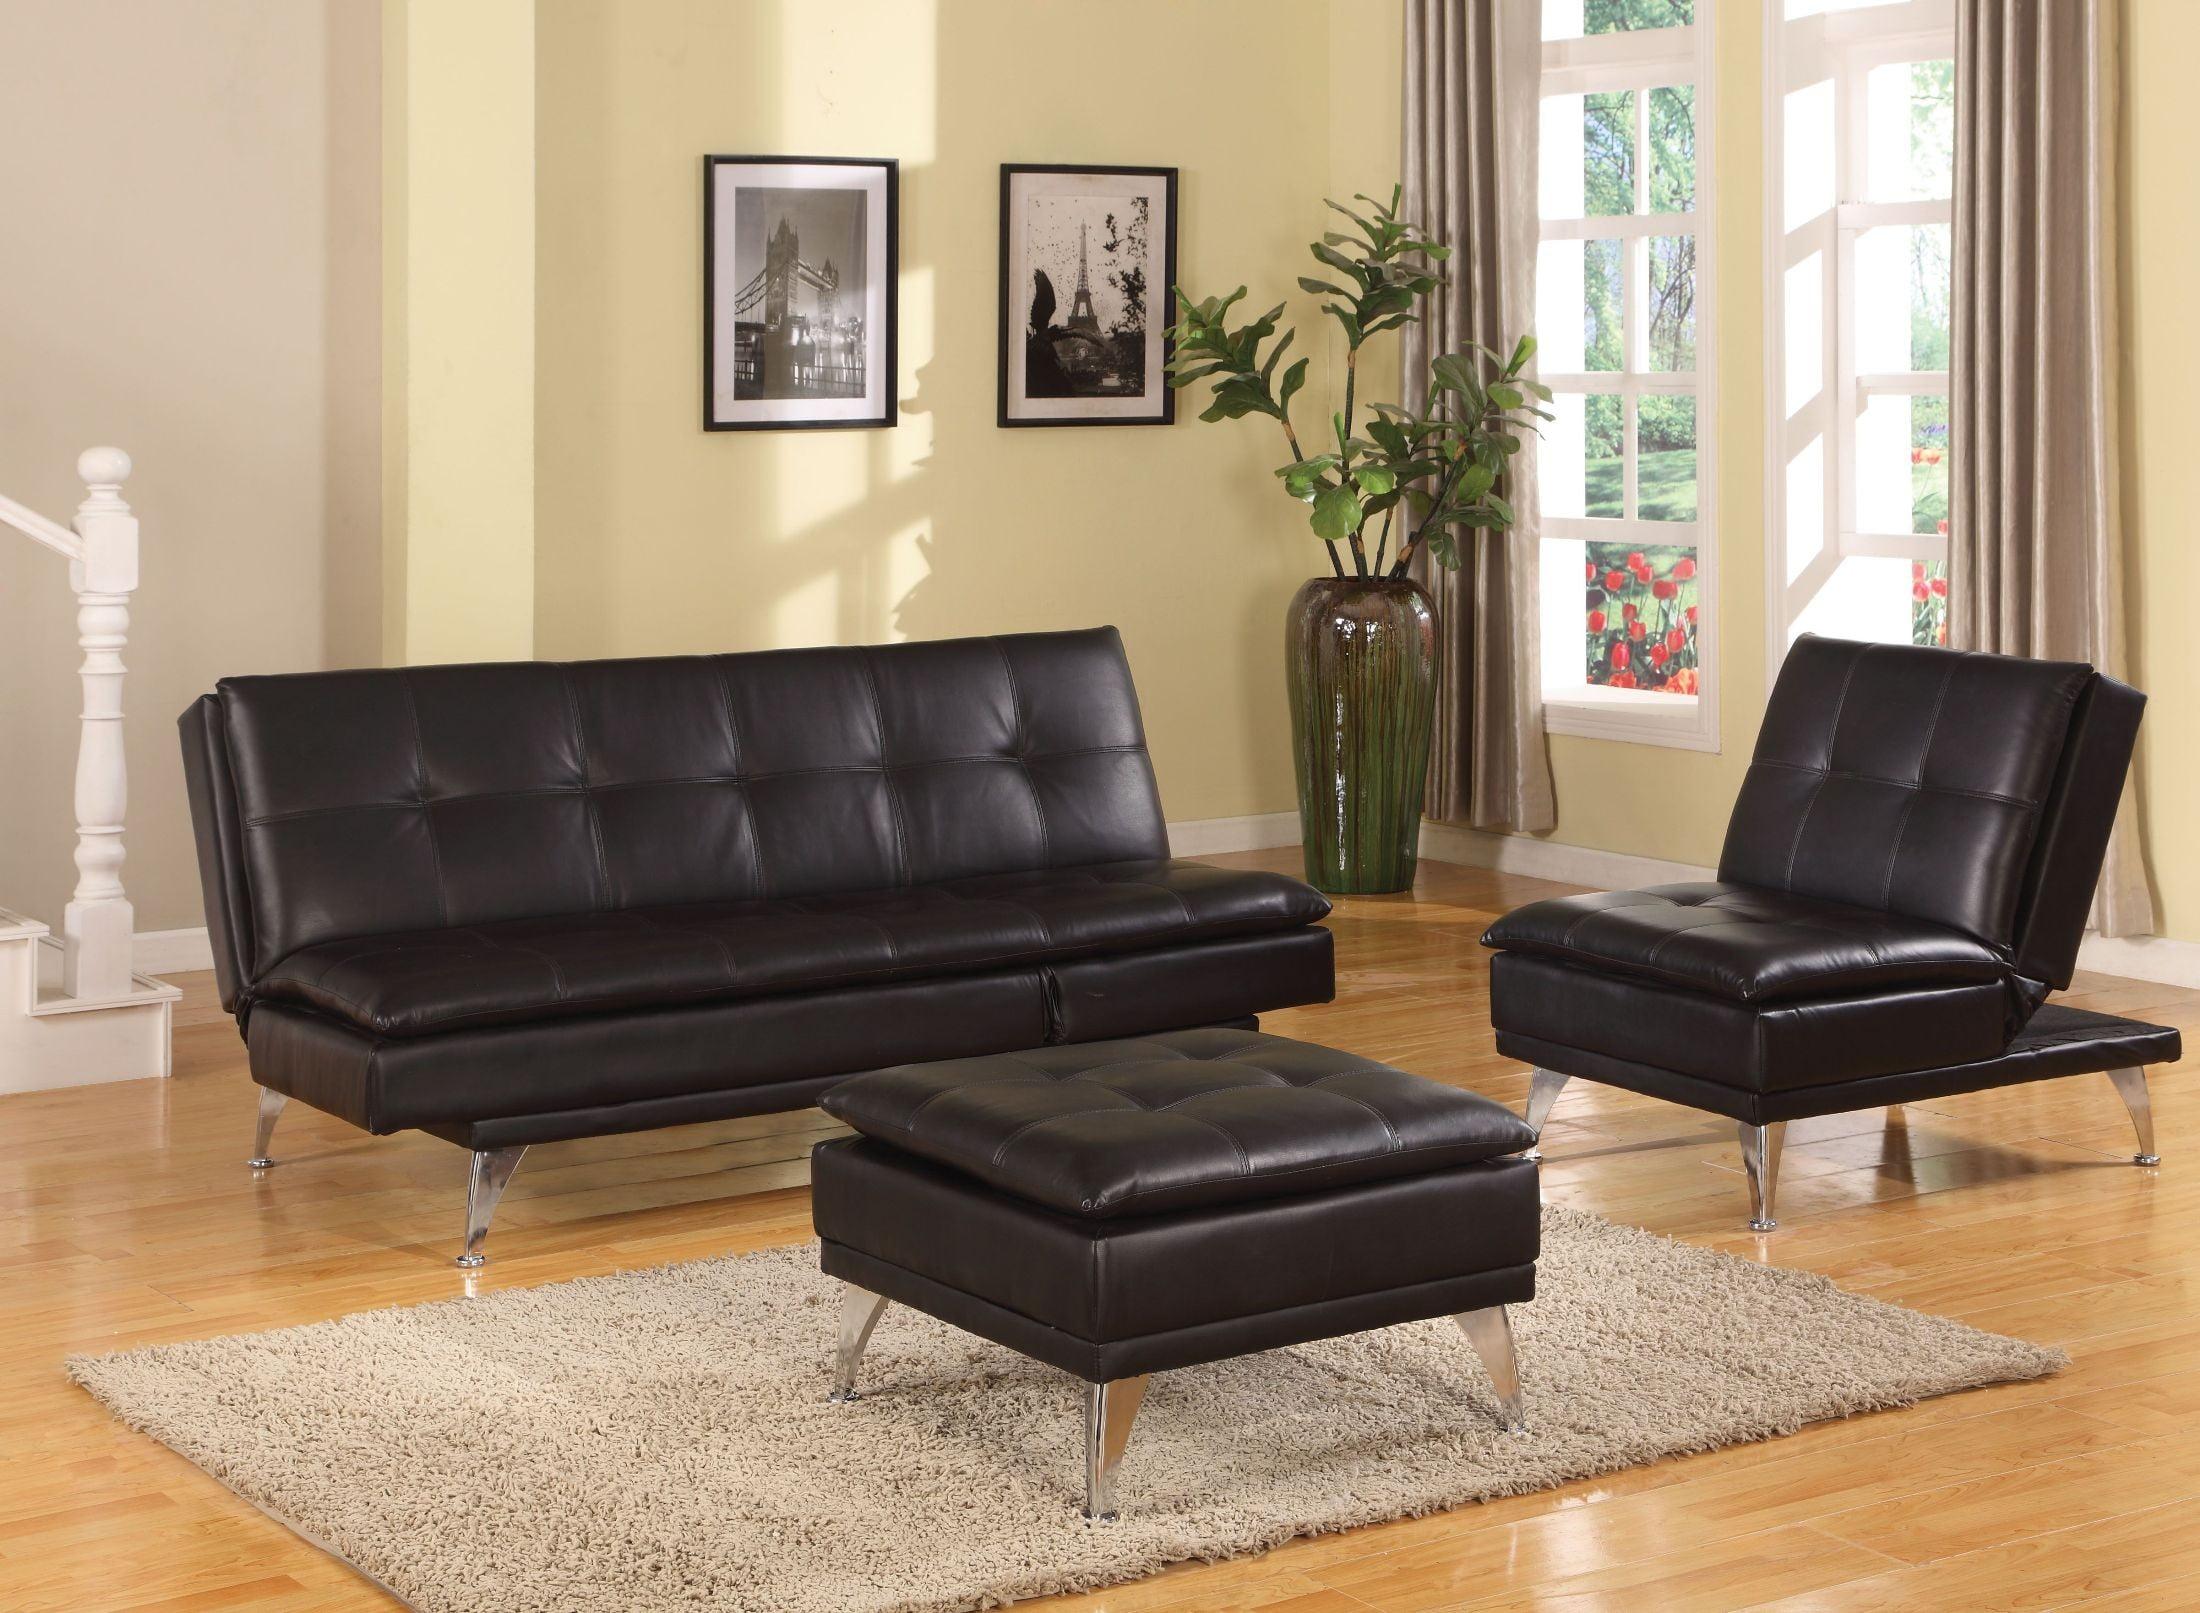 Frasier Black Adjustable Futon Living Room Set